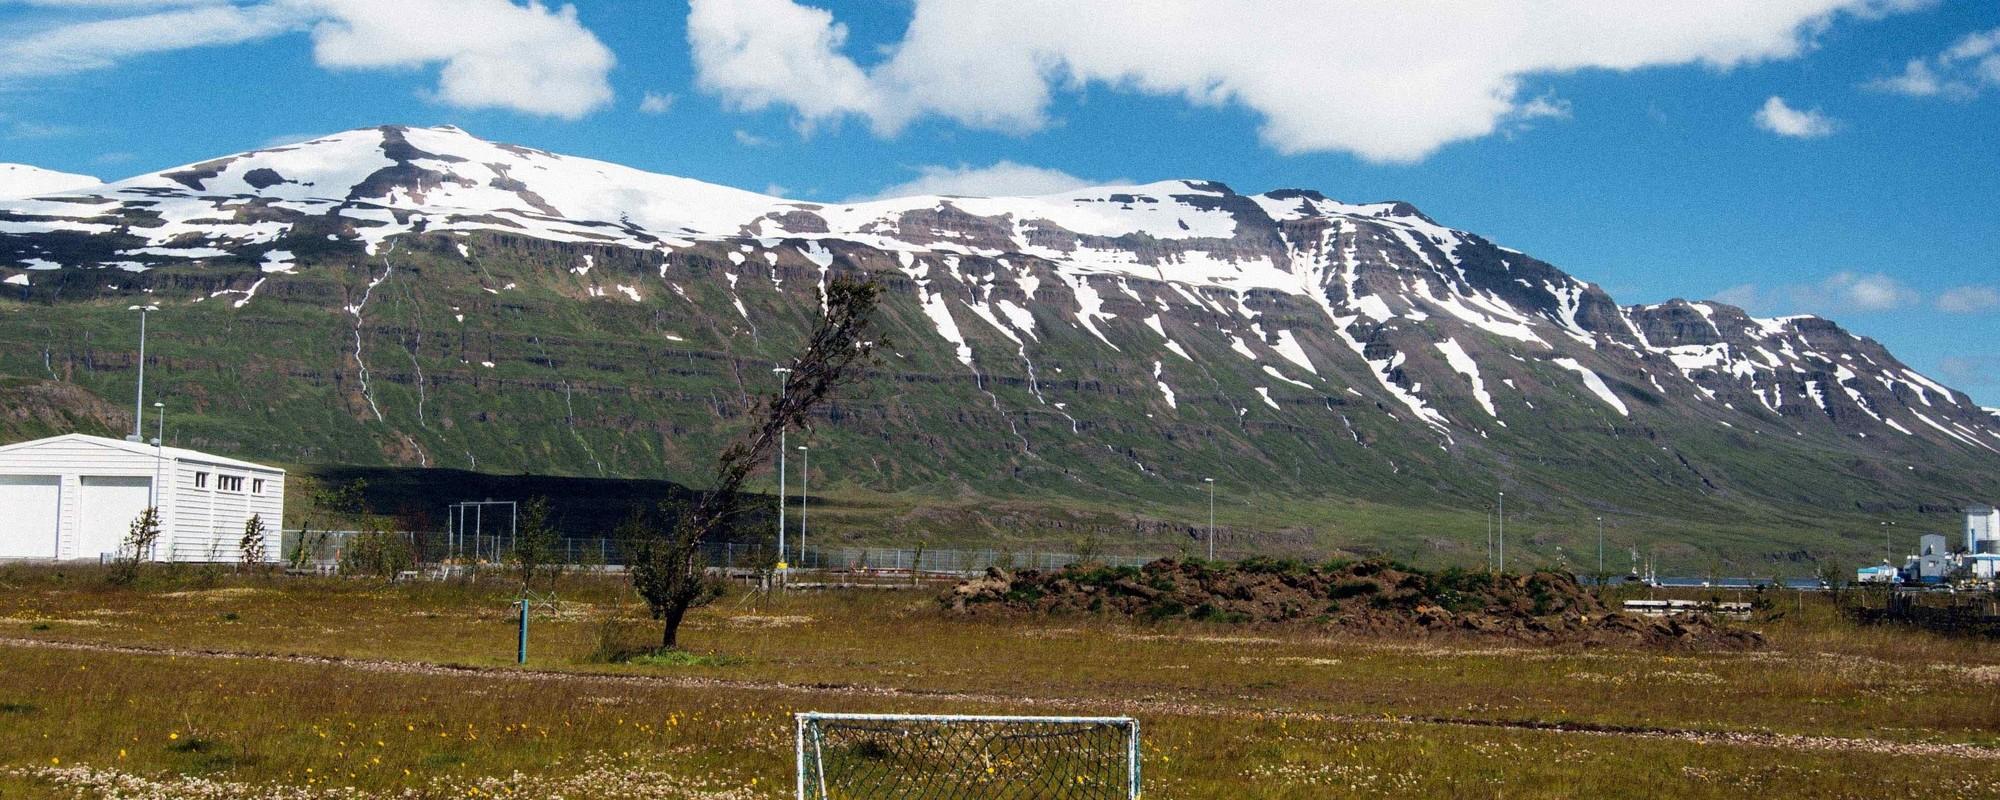 Lá na Islândia os campos de futebol estão por todo o lado